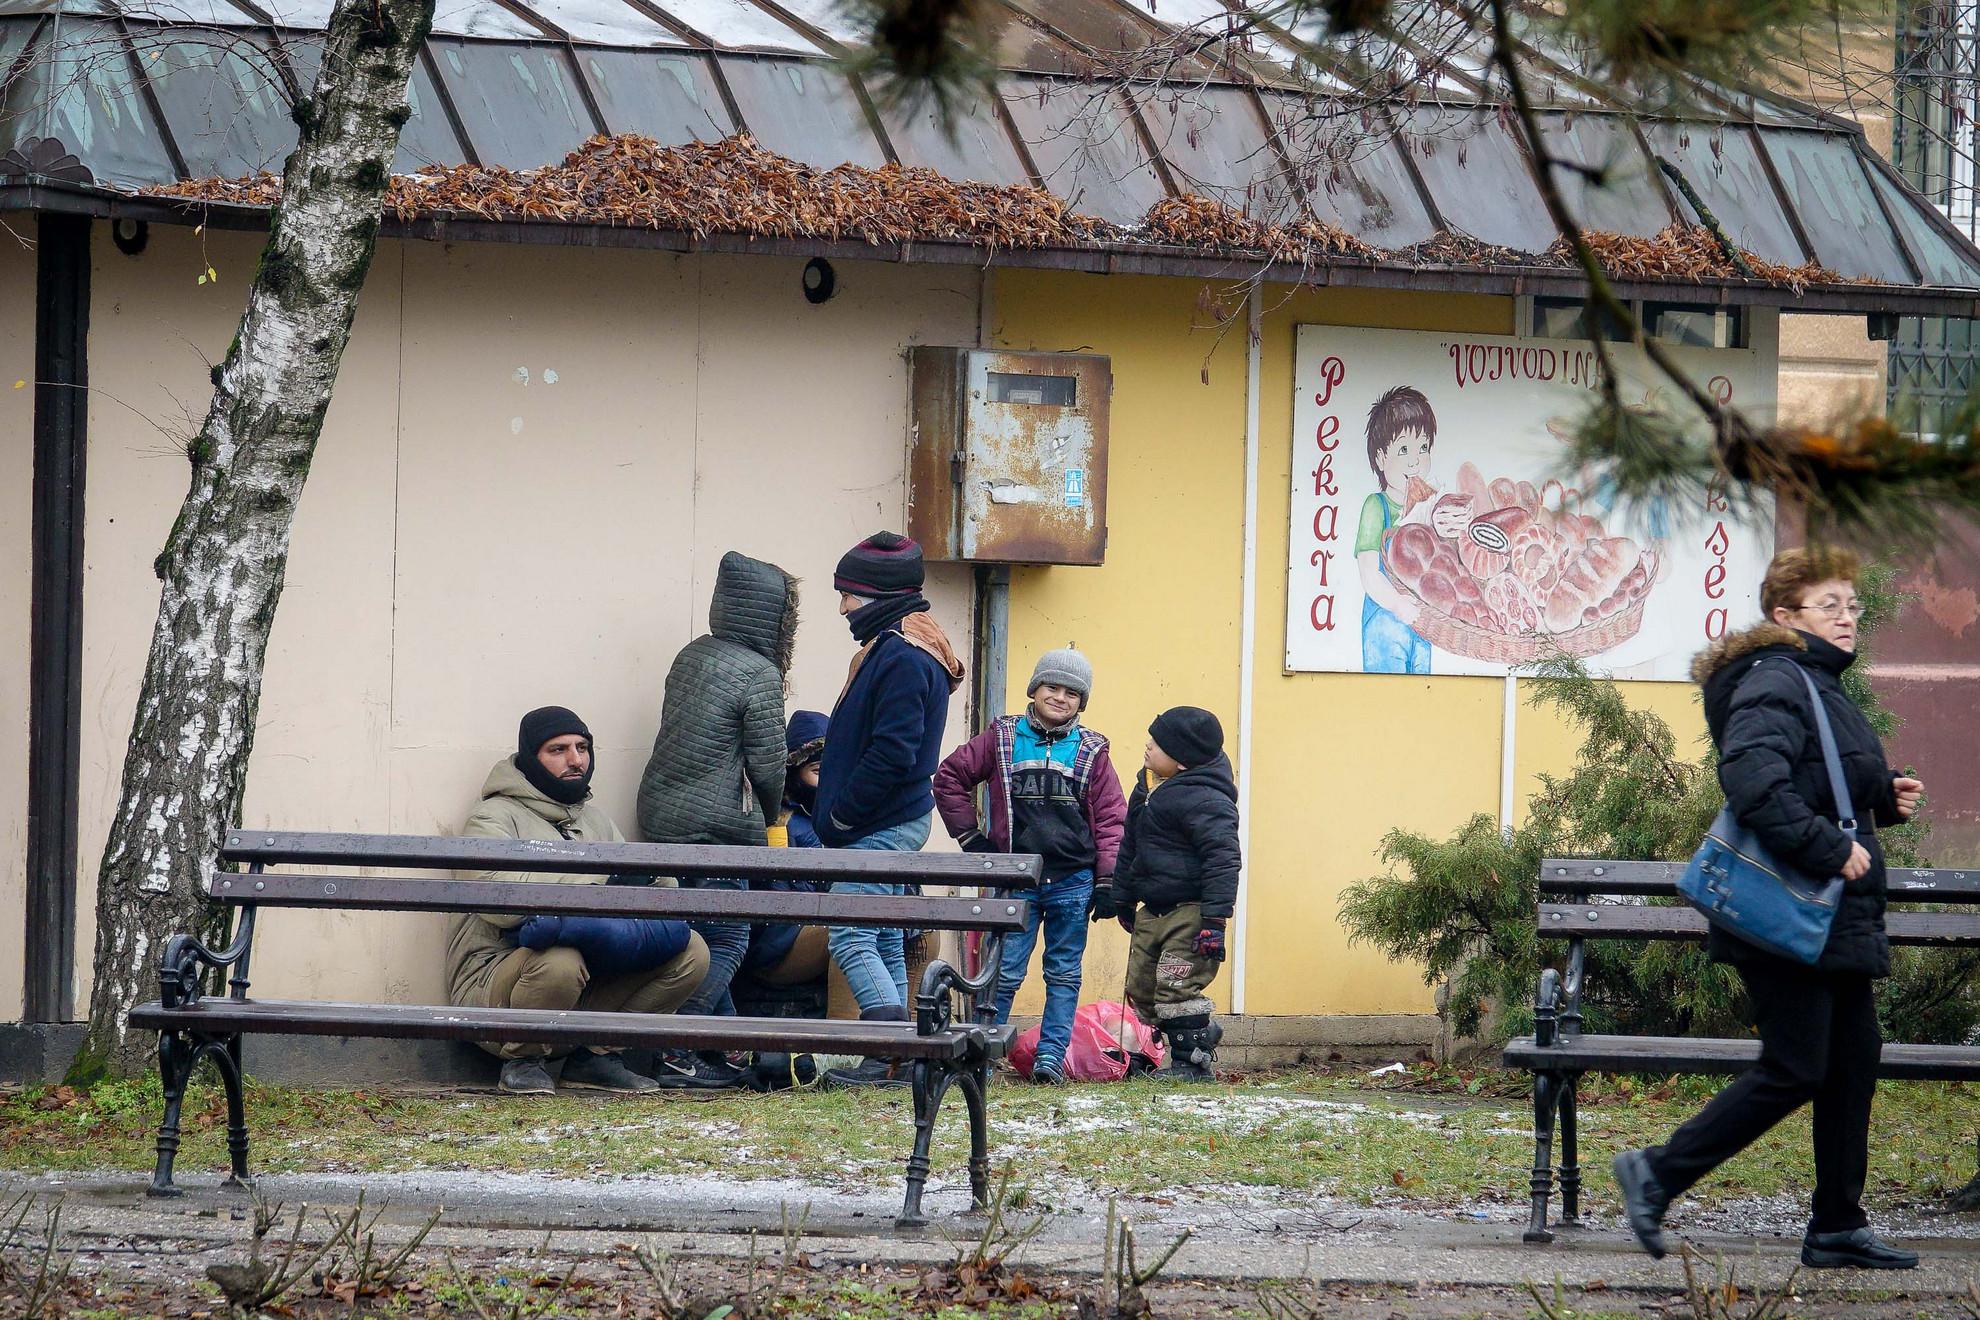 Bár akadnak köztük gyerekek és nők is az érkező csoportokban, nem ez a jellemző látvány. A csapatok döntő többsége magányos, huszonéves életerős férfi.